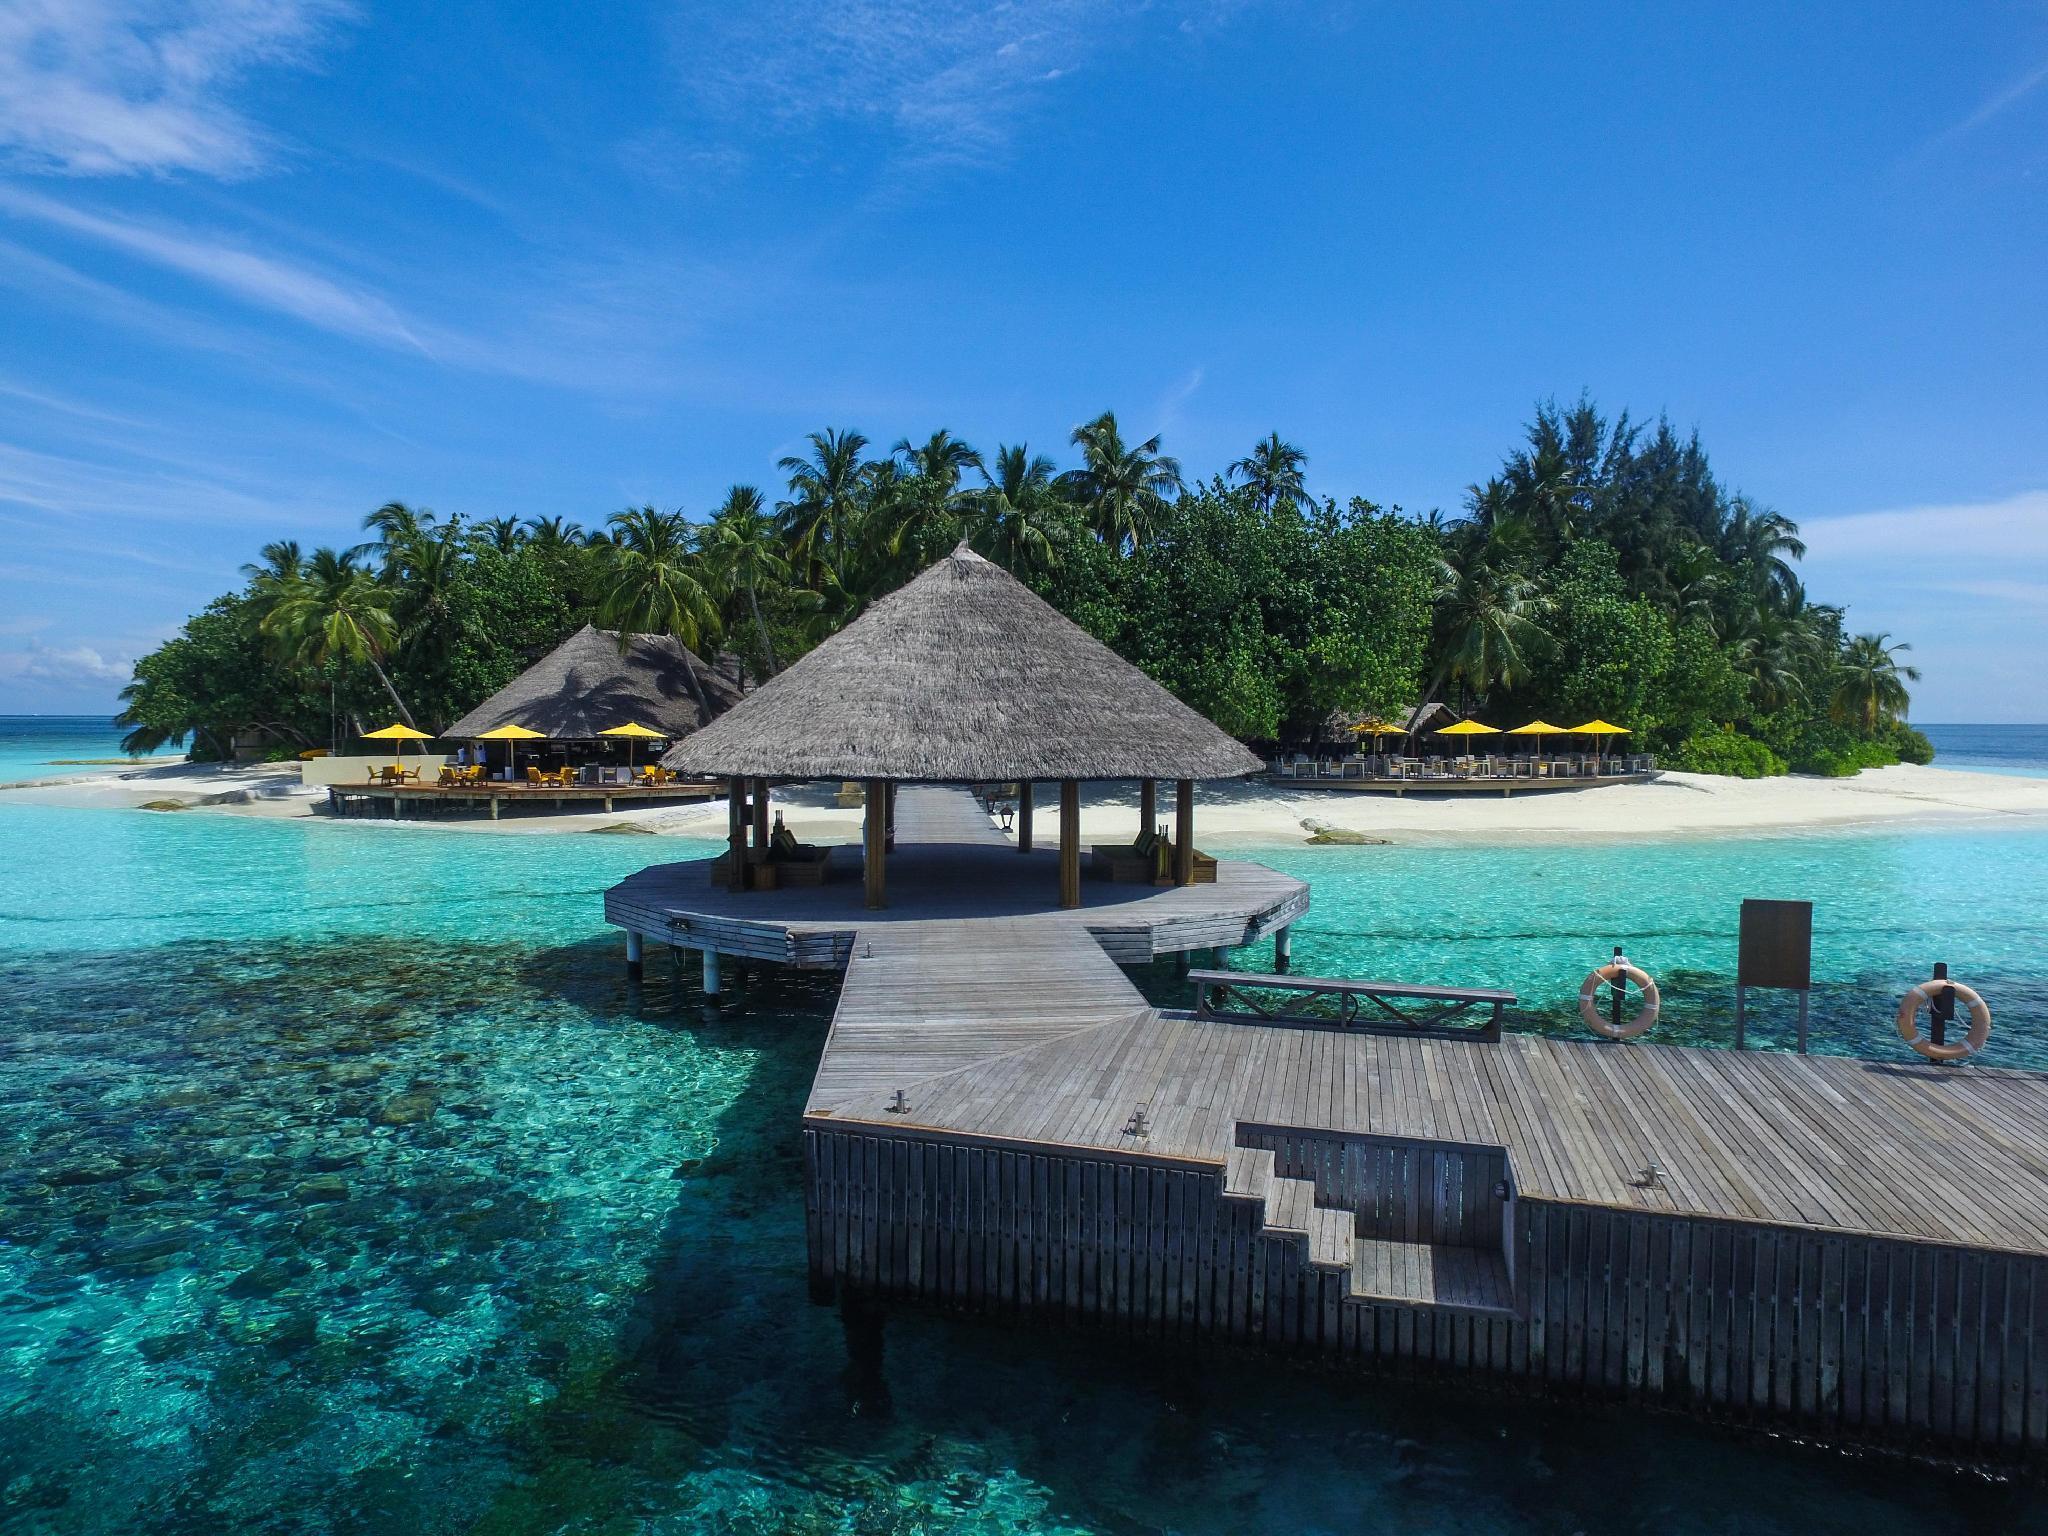 Angsana Ihuru Resort